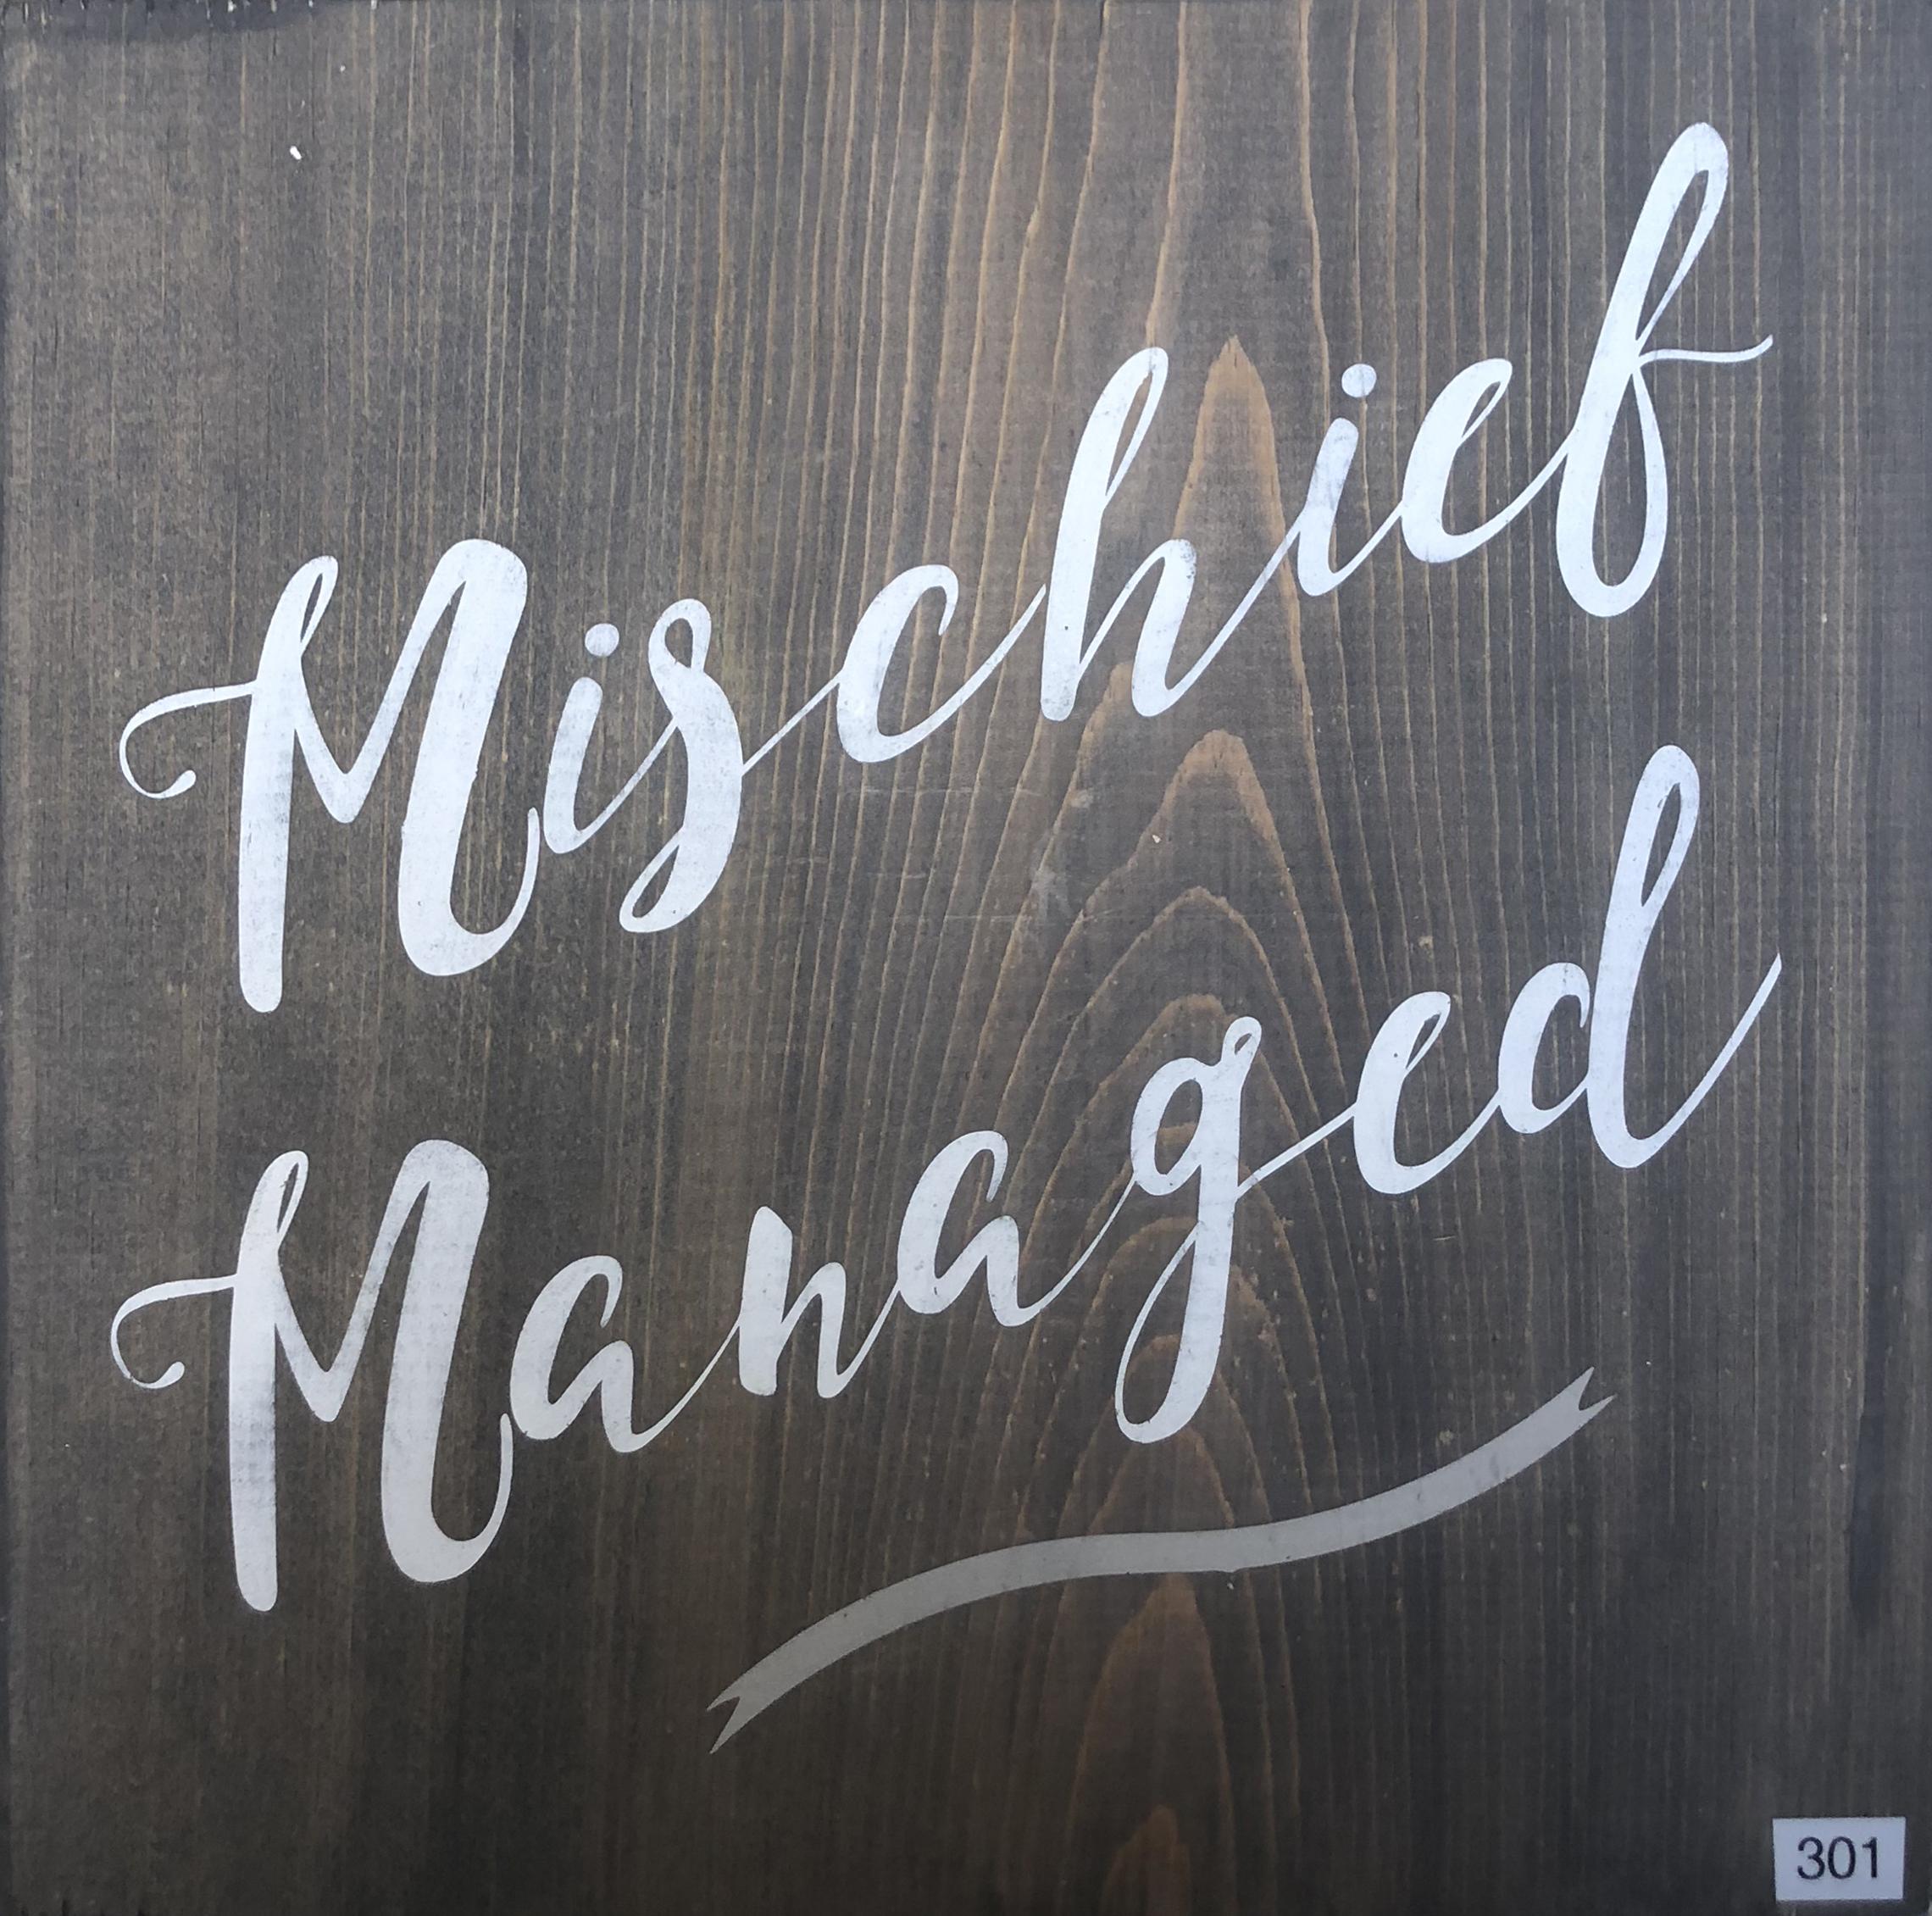 #301 Mischief Managed